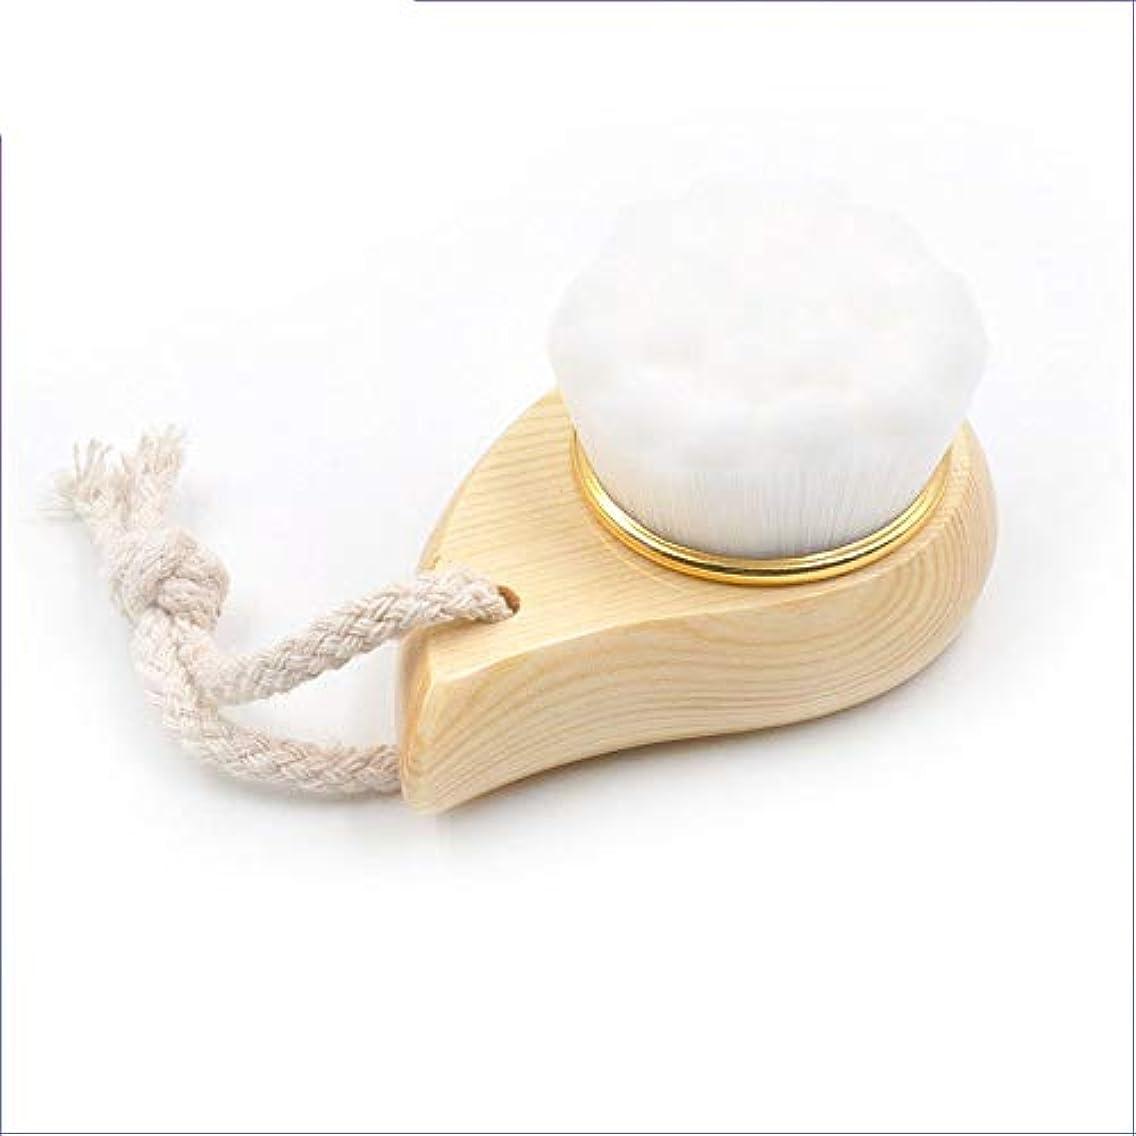 わかりやすい掃くベット洗顔ブラシ フェイシャルボビークレンジングブラシマニュアルフェイススキンクレンザーウォッシュブラシ ディープクレンジングスキンケア用